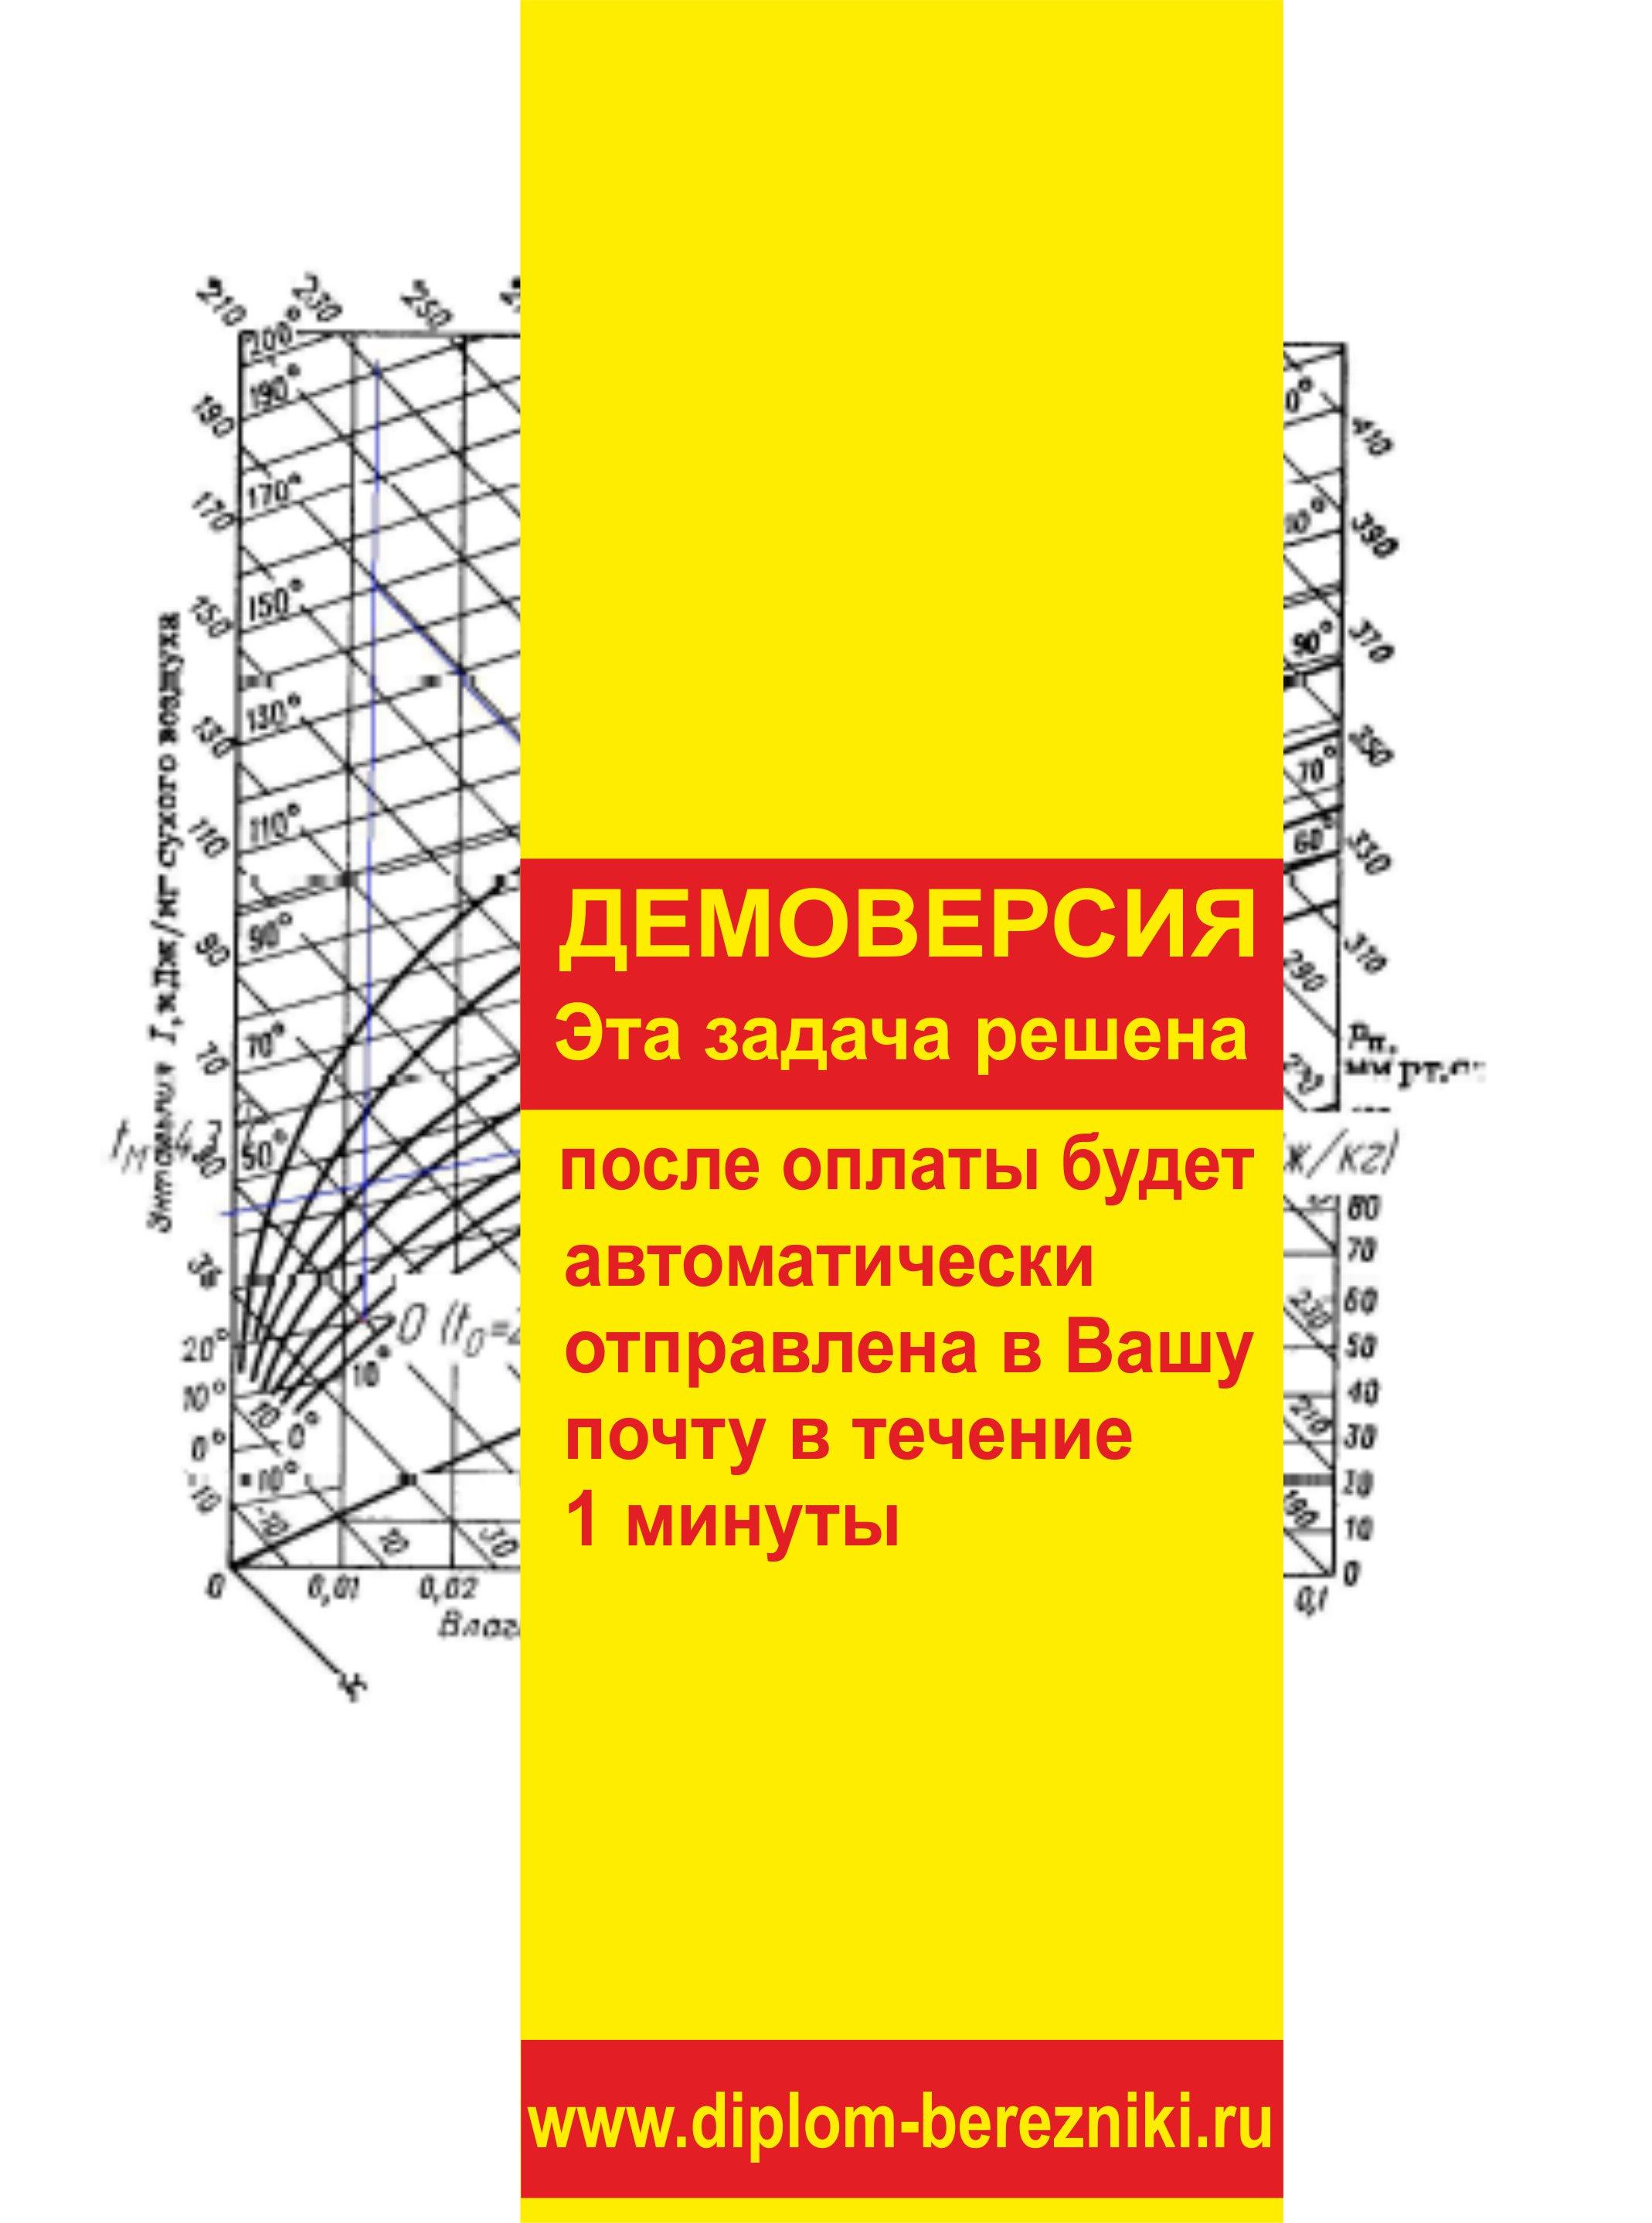 Решение задачи 10.15 по ПАХТ из задачника Павлова Романкова Носкова